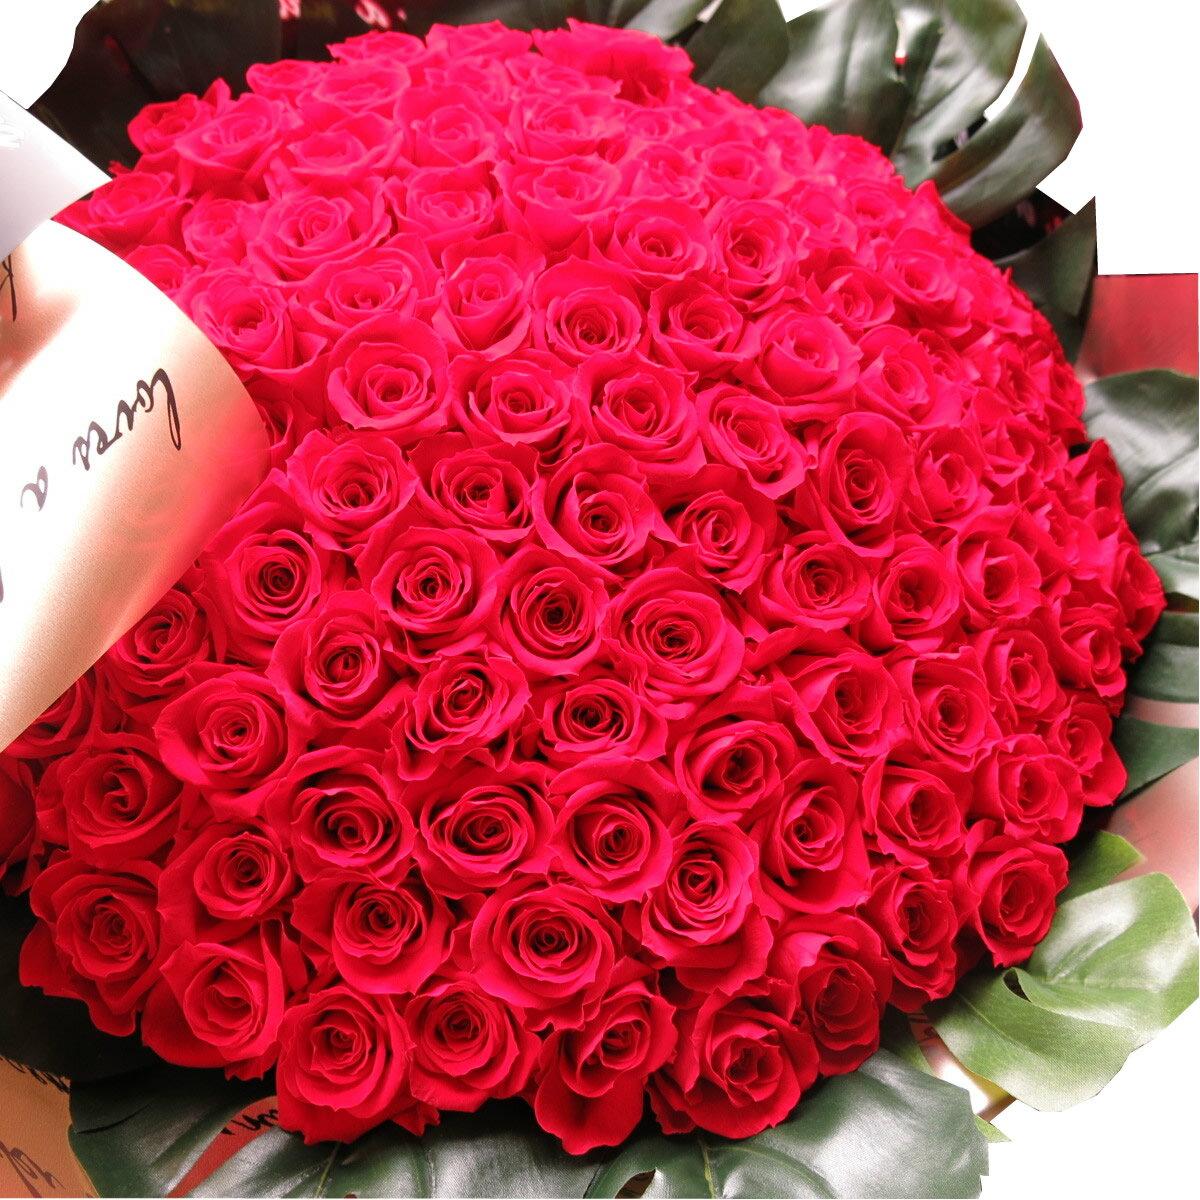 赤バラ 101本 プリザーブドフラワー 赤バラ 花束 赤バラ101本使用 プリザーブドフラワー 花束 枯れずにいつまでもキレイな赤バラ ◆誕生日プレゼント・成人祝い・記念日の贈り物におすすめのフラワーギフト